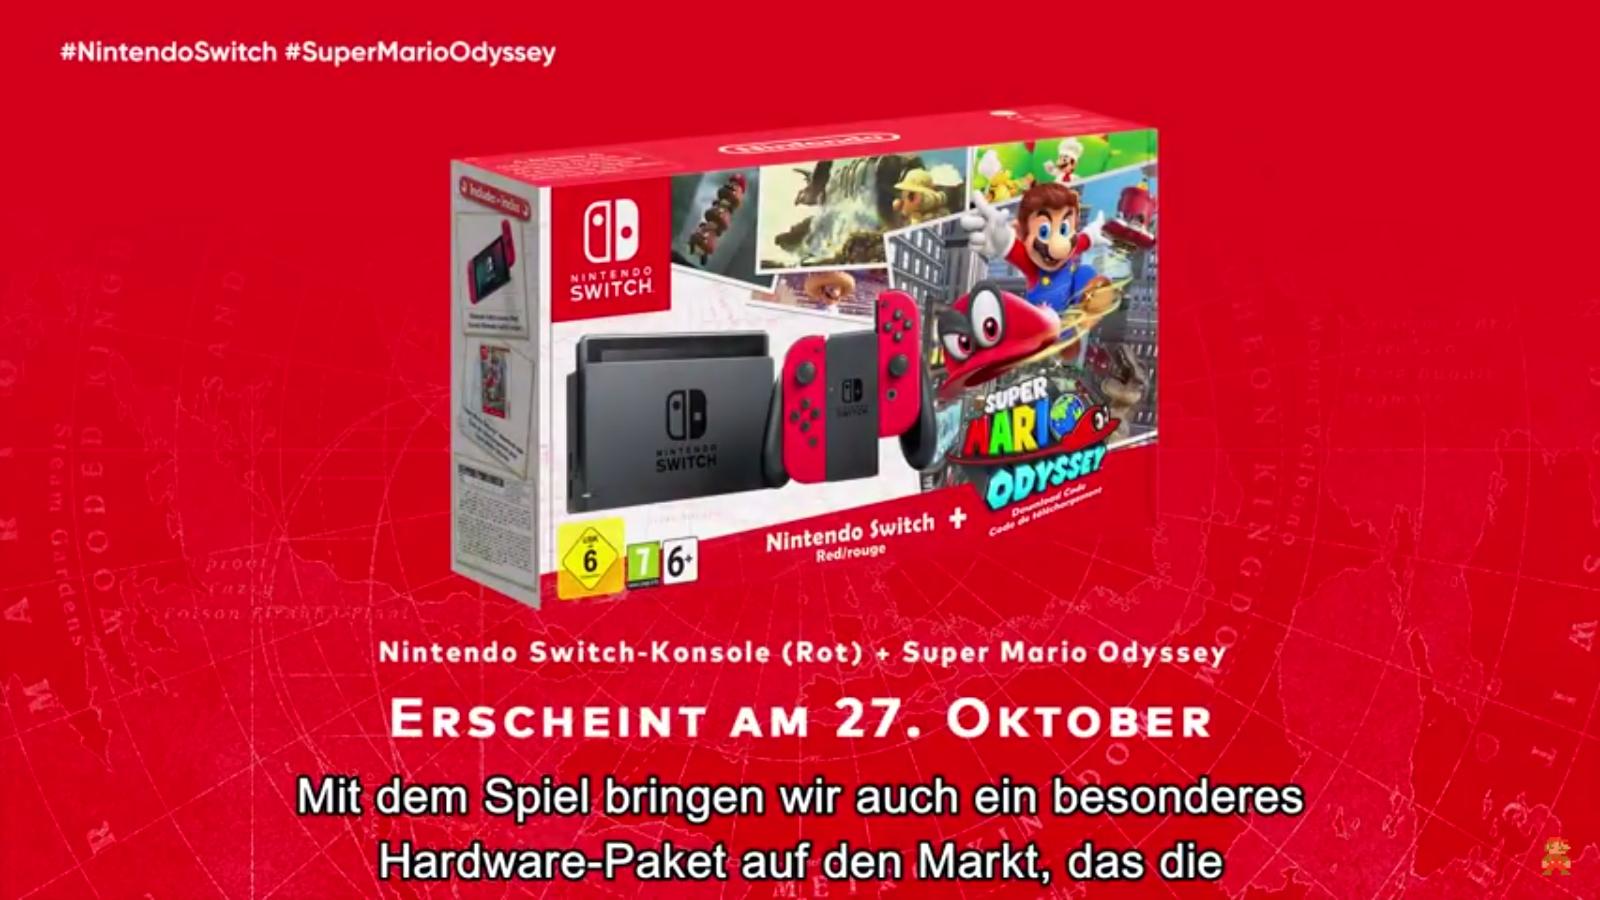 Nintendo Switch Bundle Zu Super Mario Odyssey Angekndigt Hardware Red Blue 2games 2amiibo Auch Eine Tasche Mit Schutzfolie In Der Edition Wird Zum Selben Zeitpunkt Erhltlich Sein